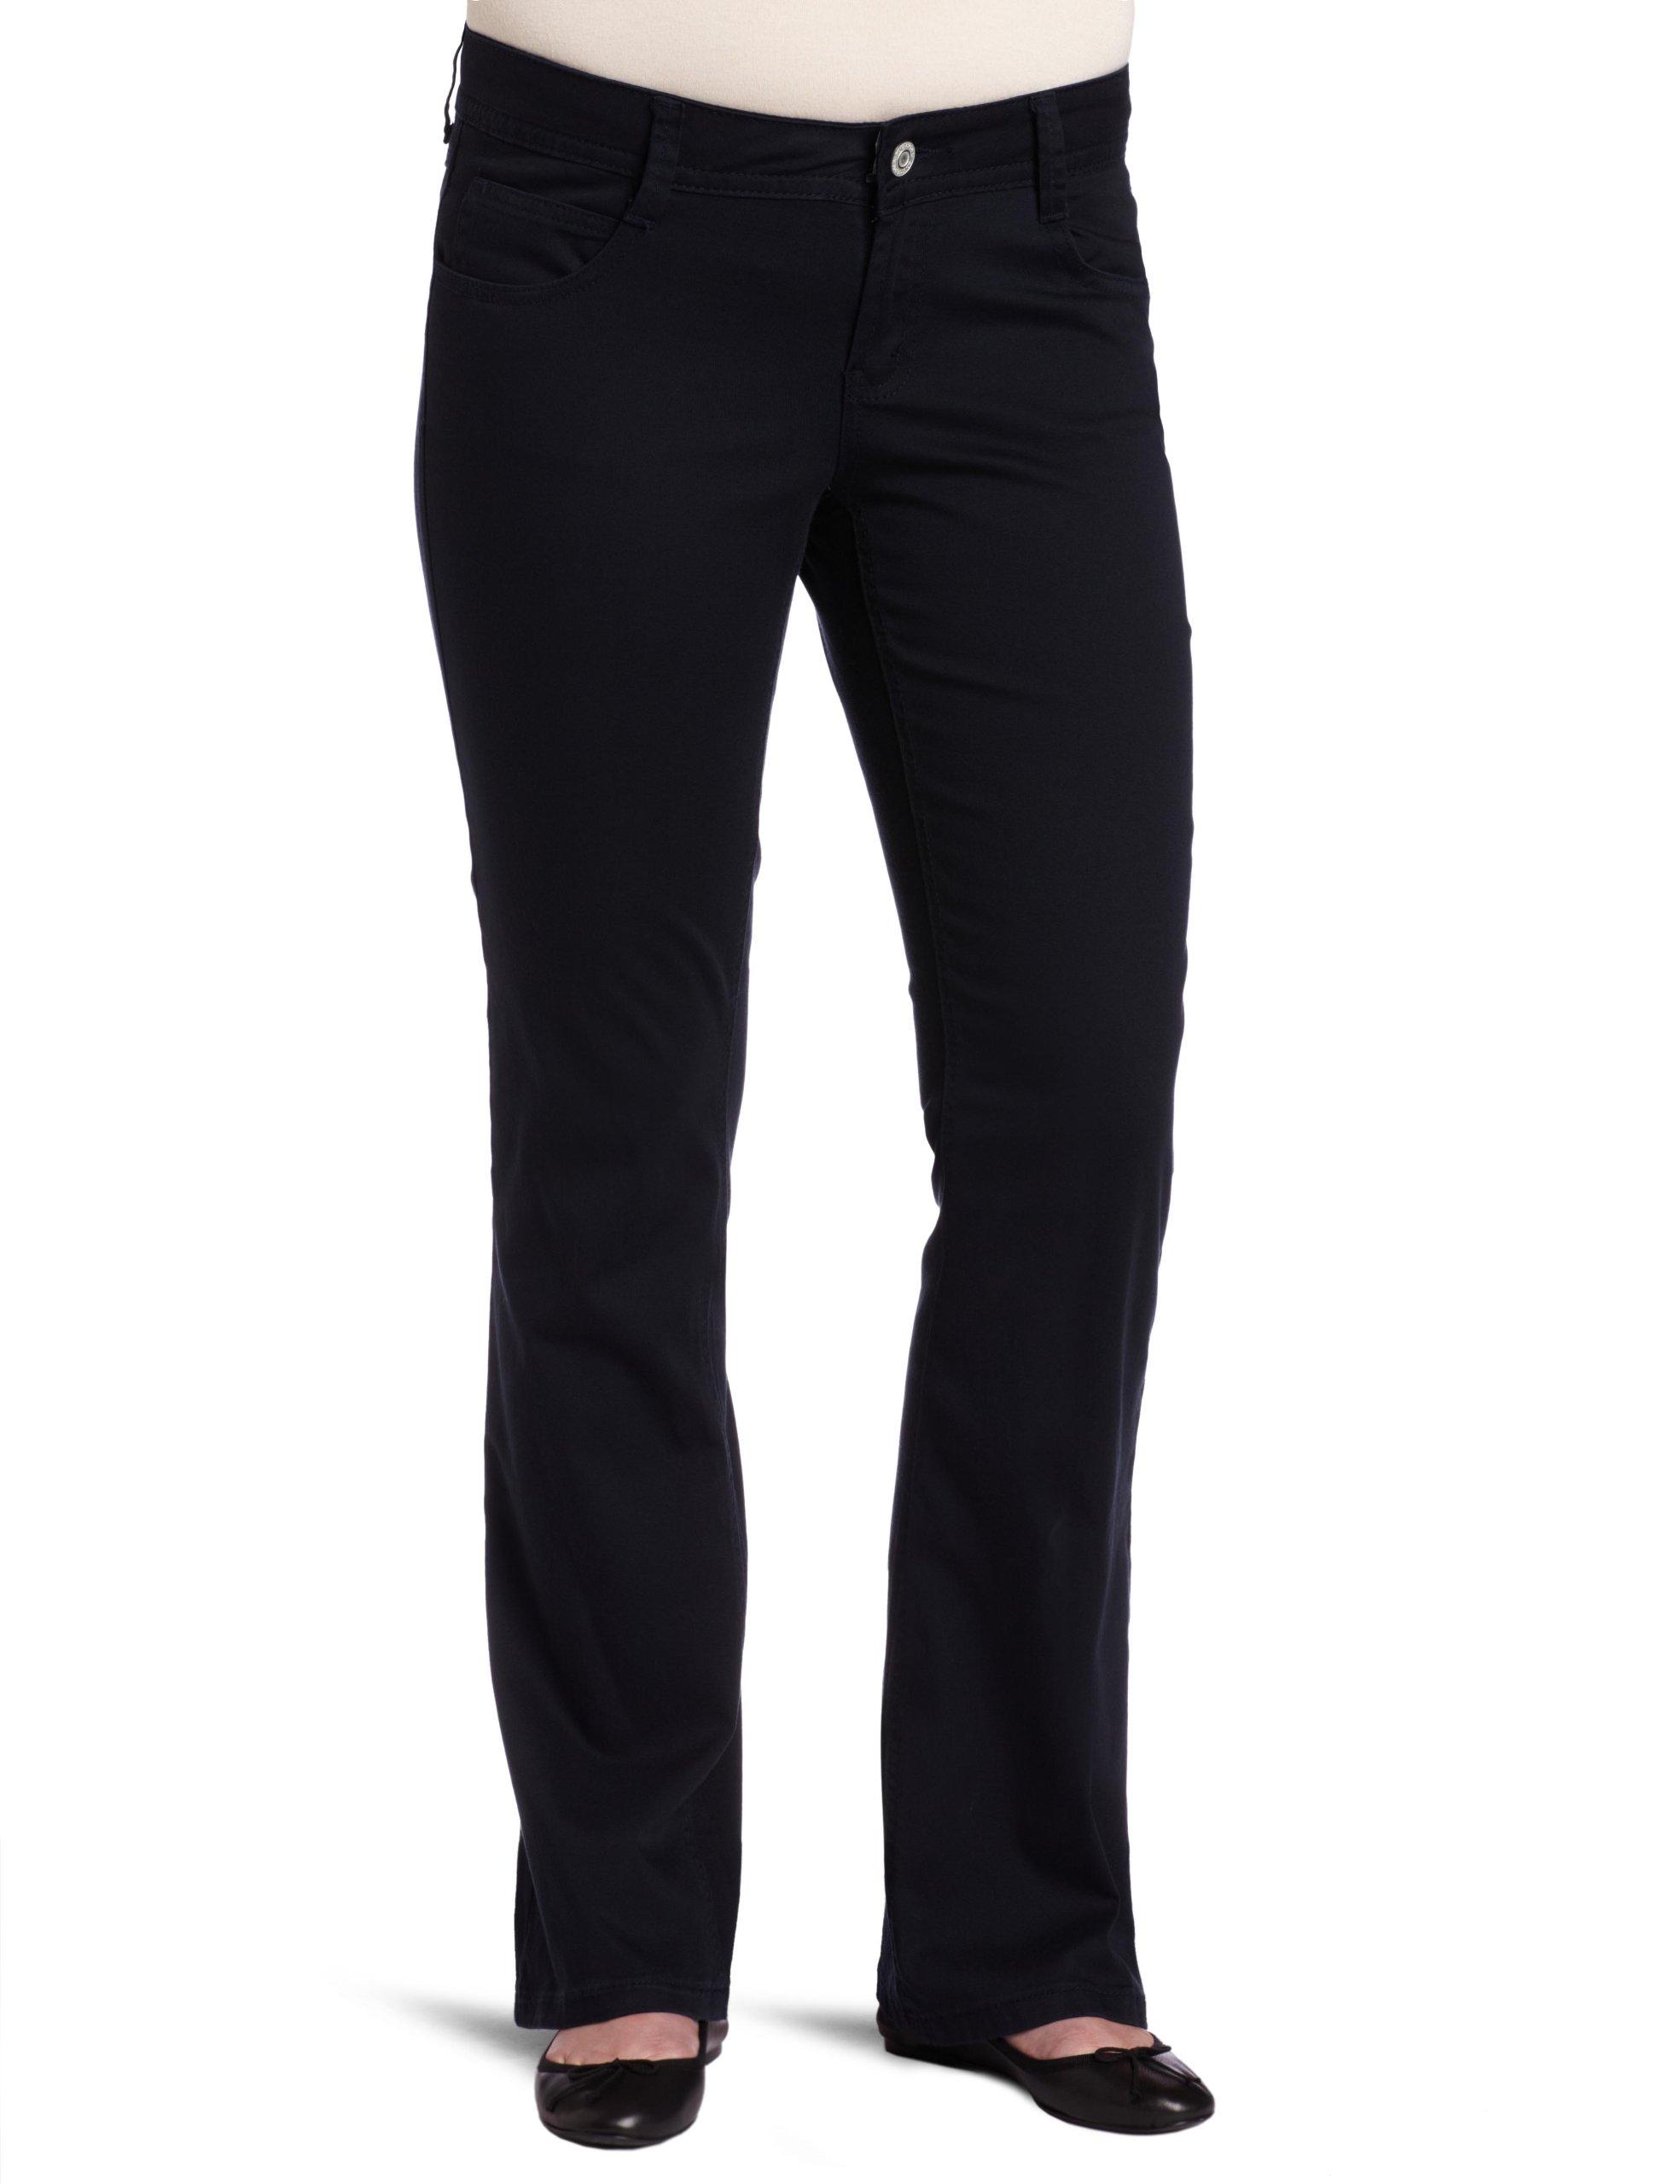 Southpole Juniors Plus Size BASIC Uniform Low Rise Bootcut Pant, Dark Navy, 14